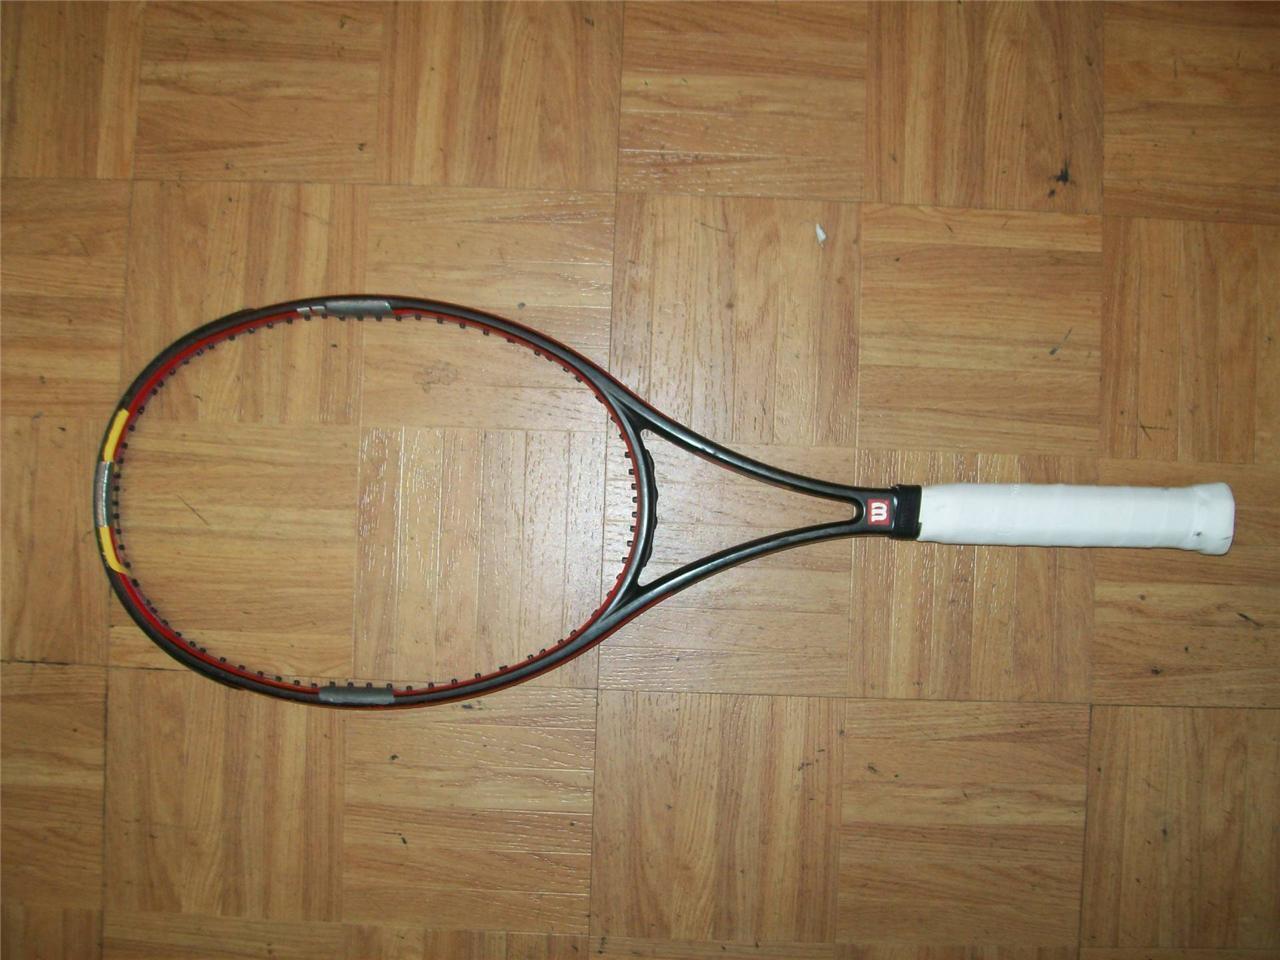 Wilson Hyper Pro Staff Rok Midsize 93 head Taylor Dent 4 1 2 grip Tennis Racquet